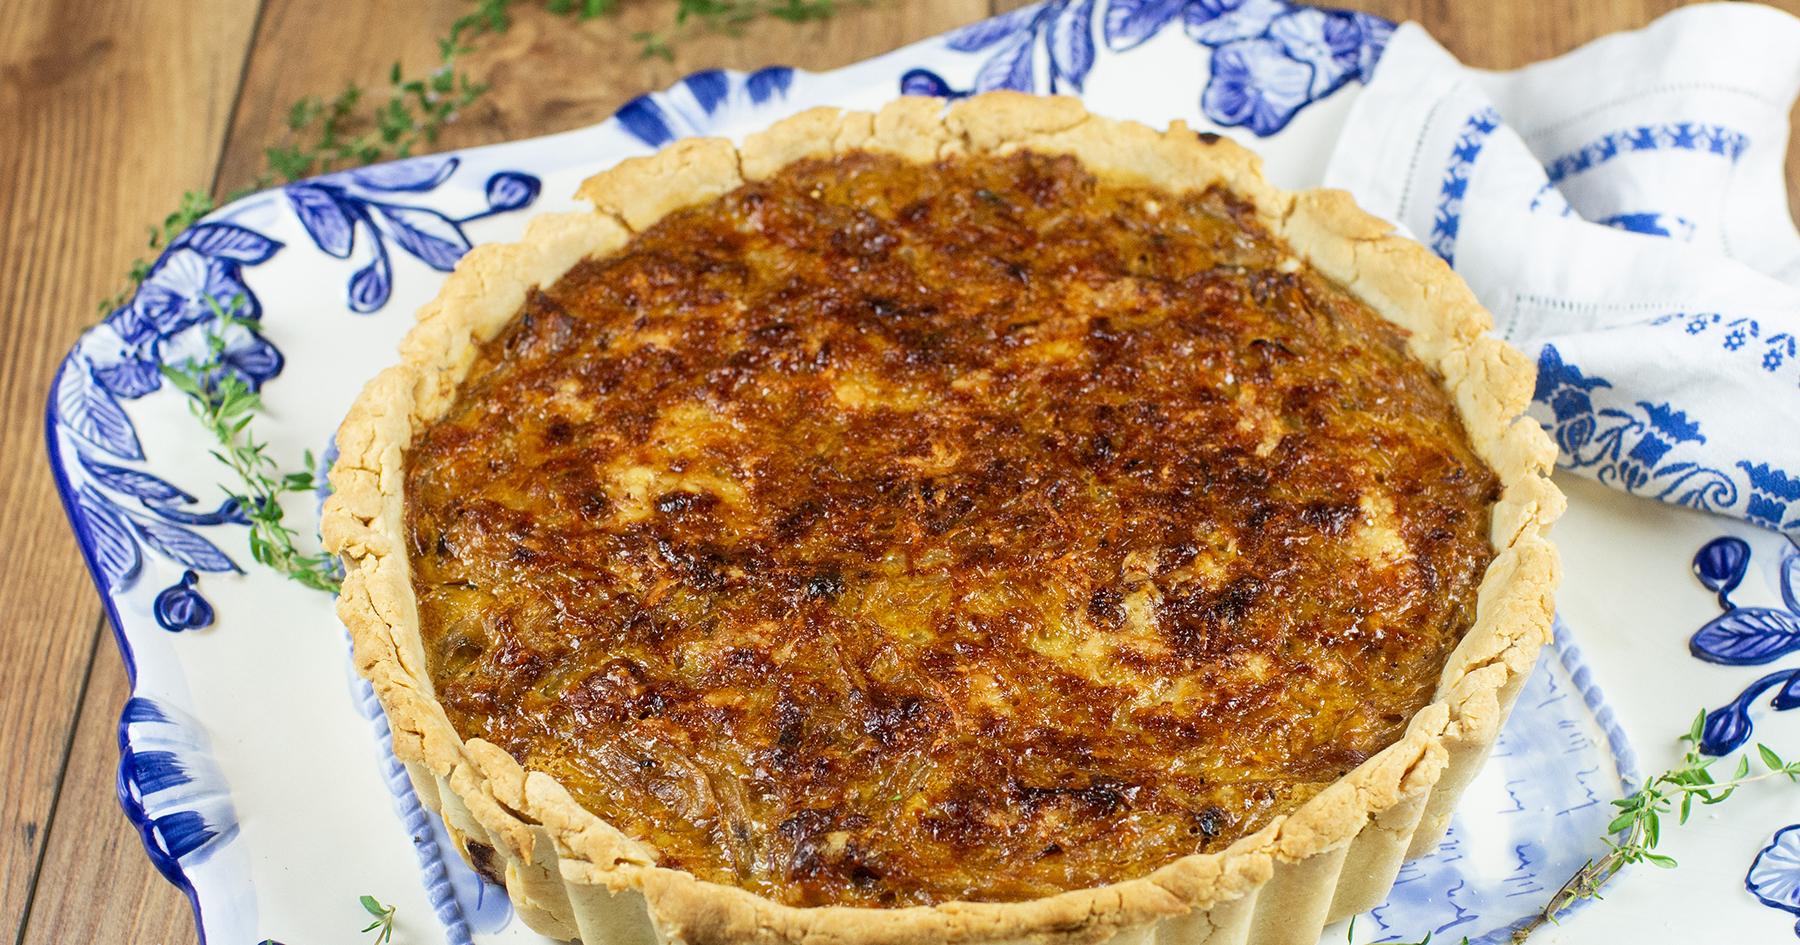 Flemish Caramelized Onion Tart